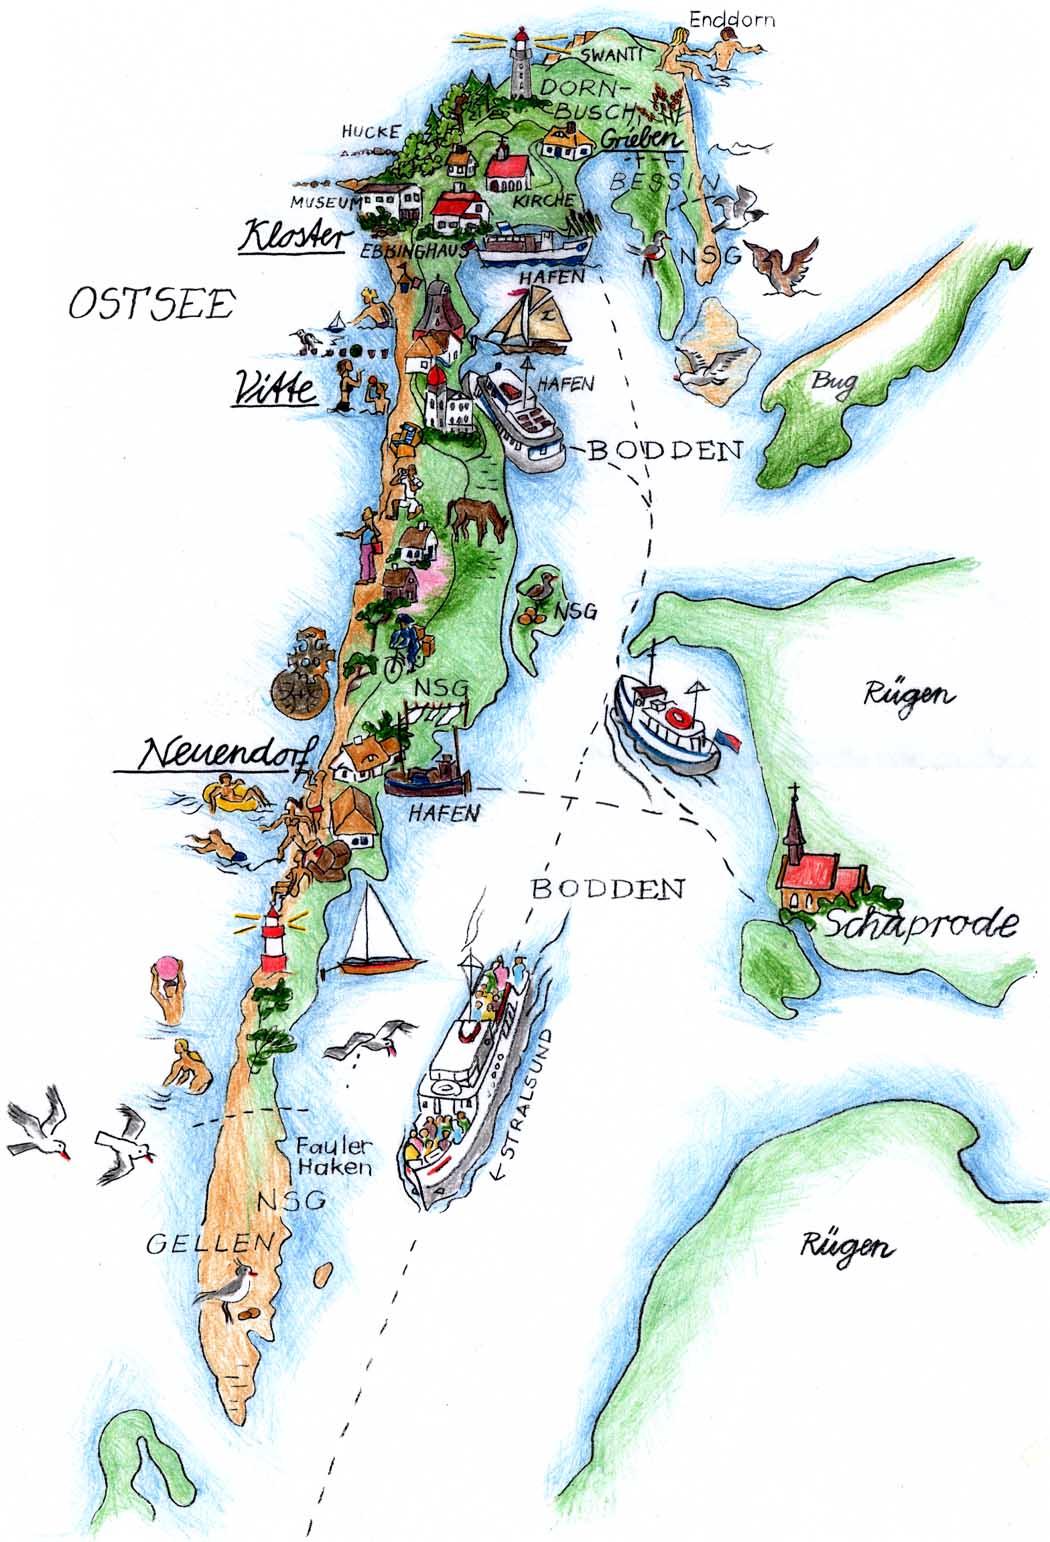 Insel_Hiddensee_Karte